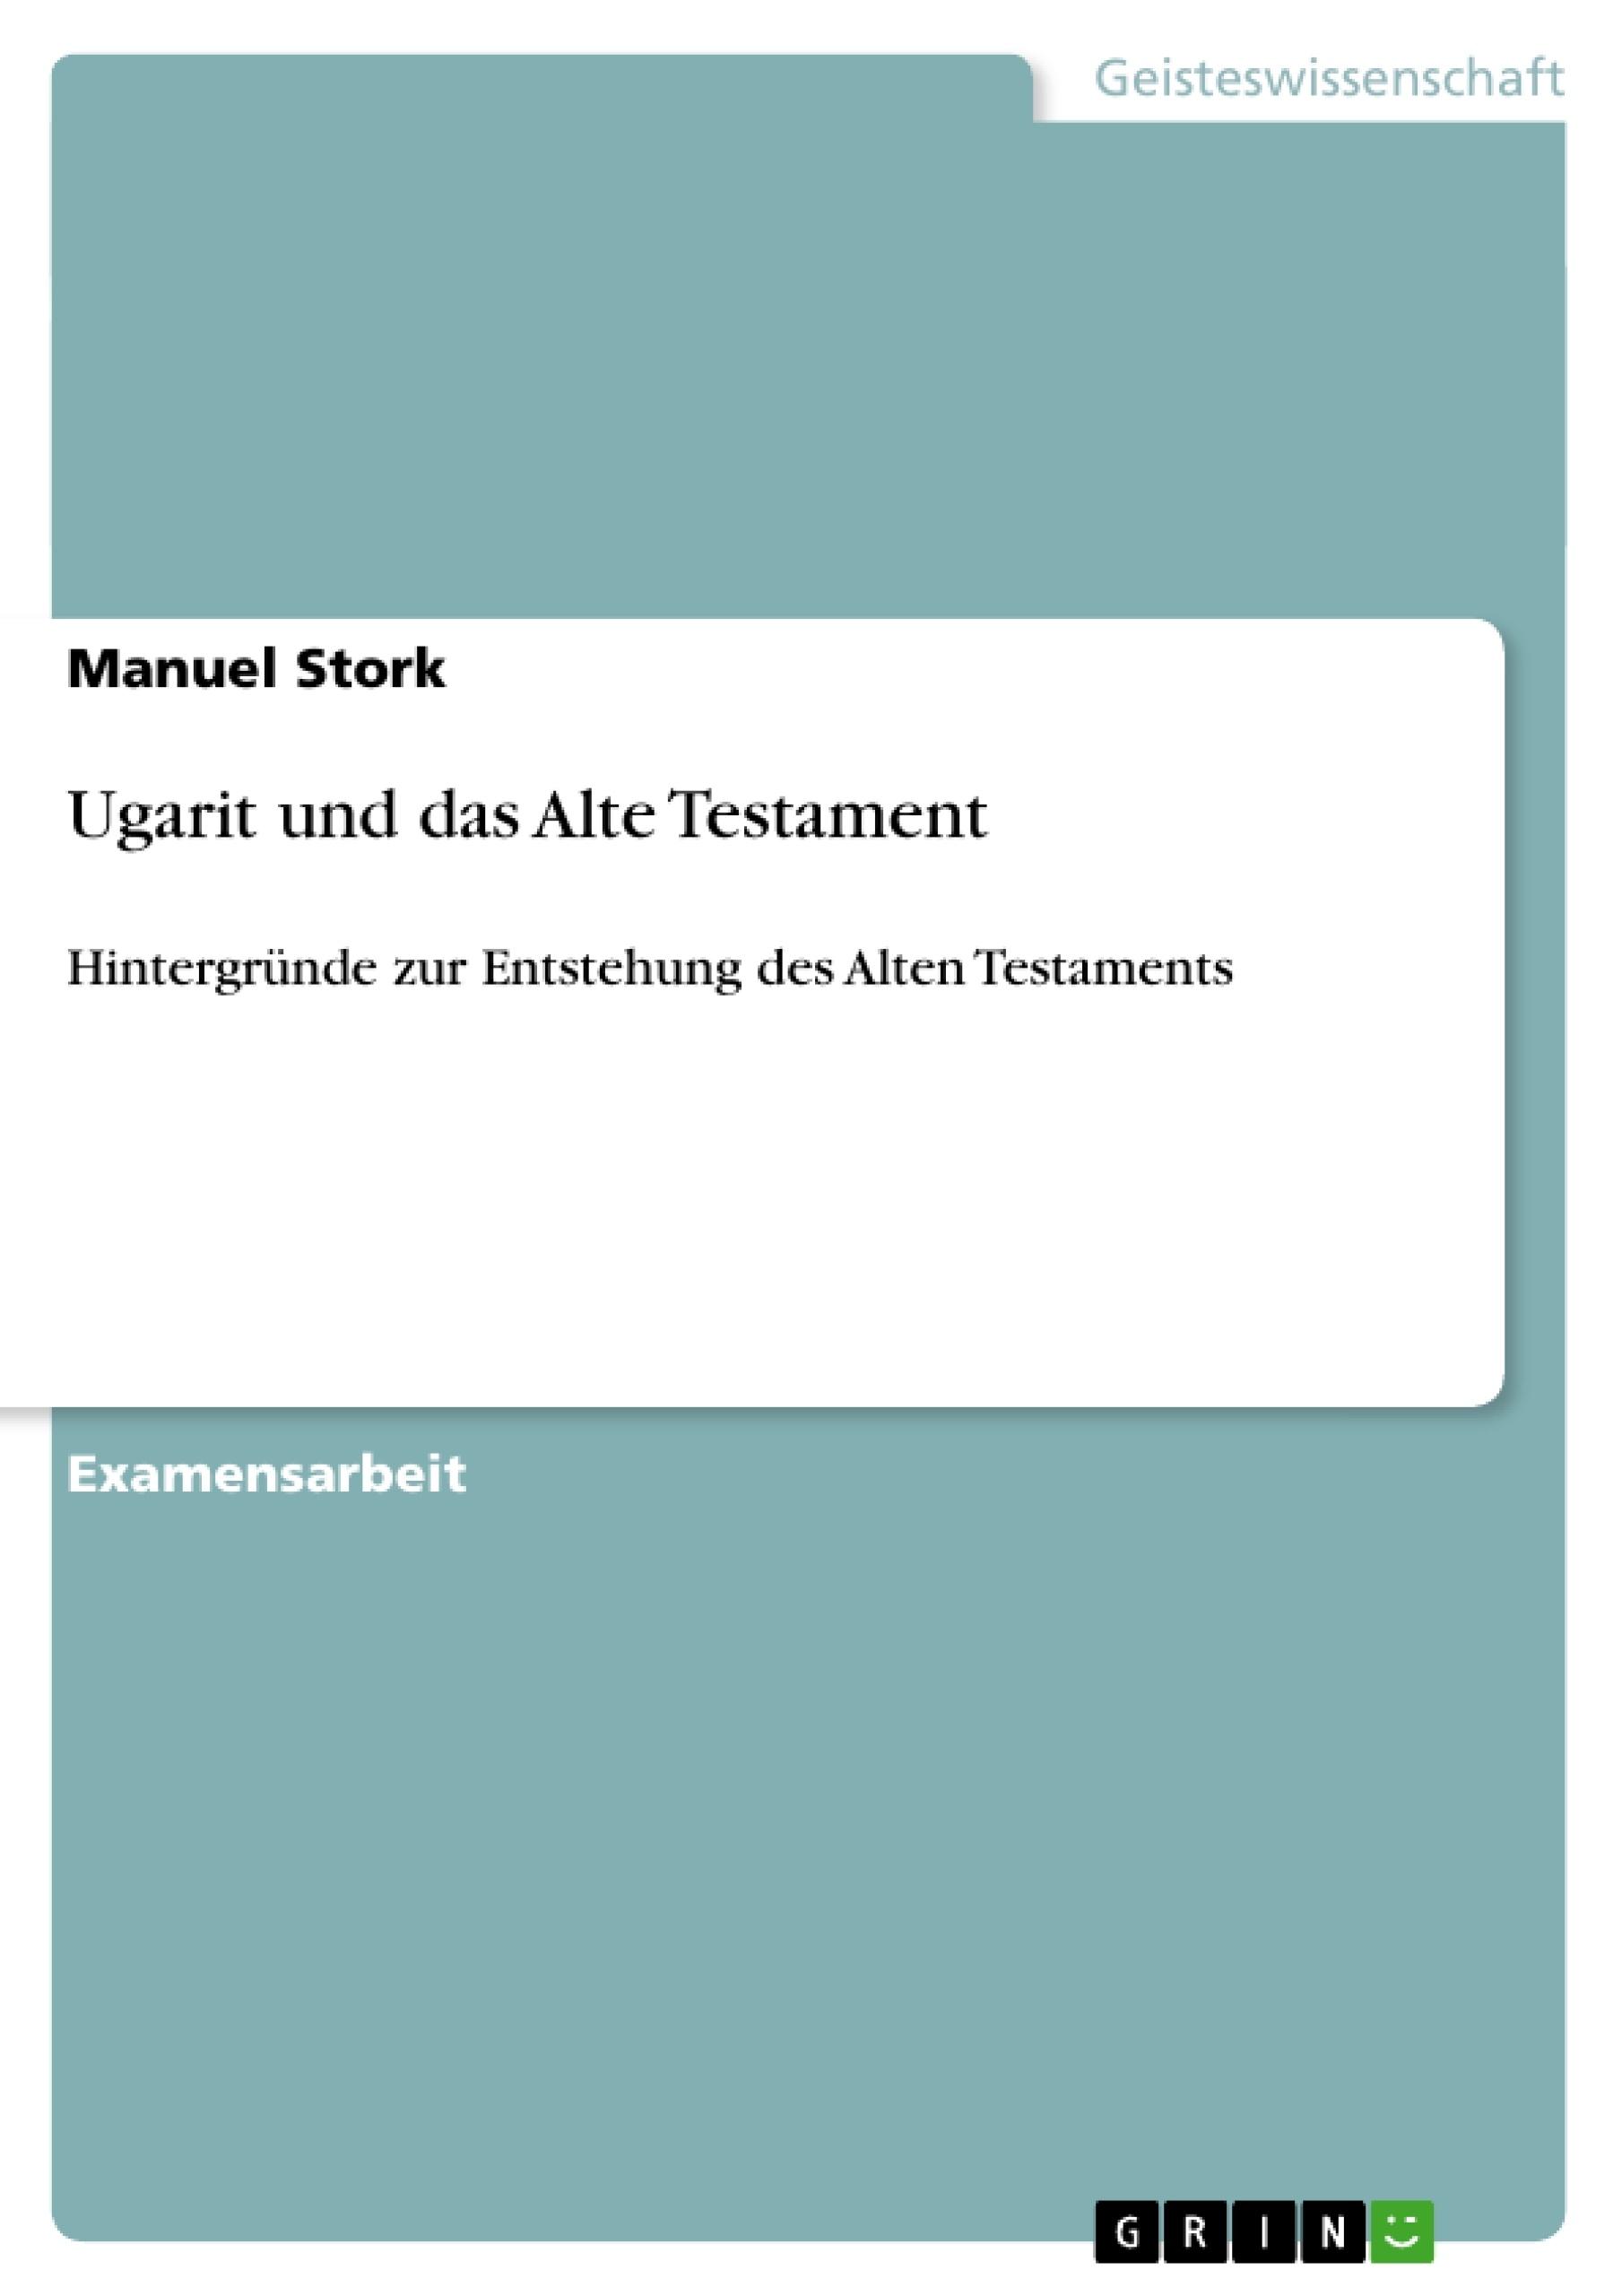 Titel: Ugarit und das Alte Testament